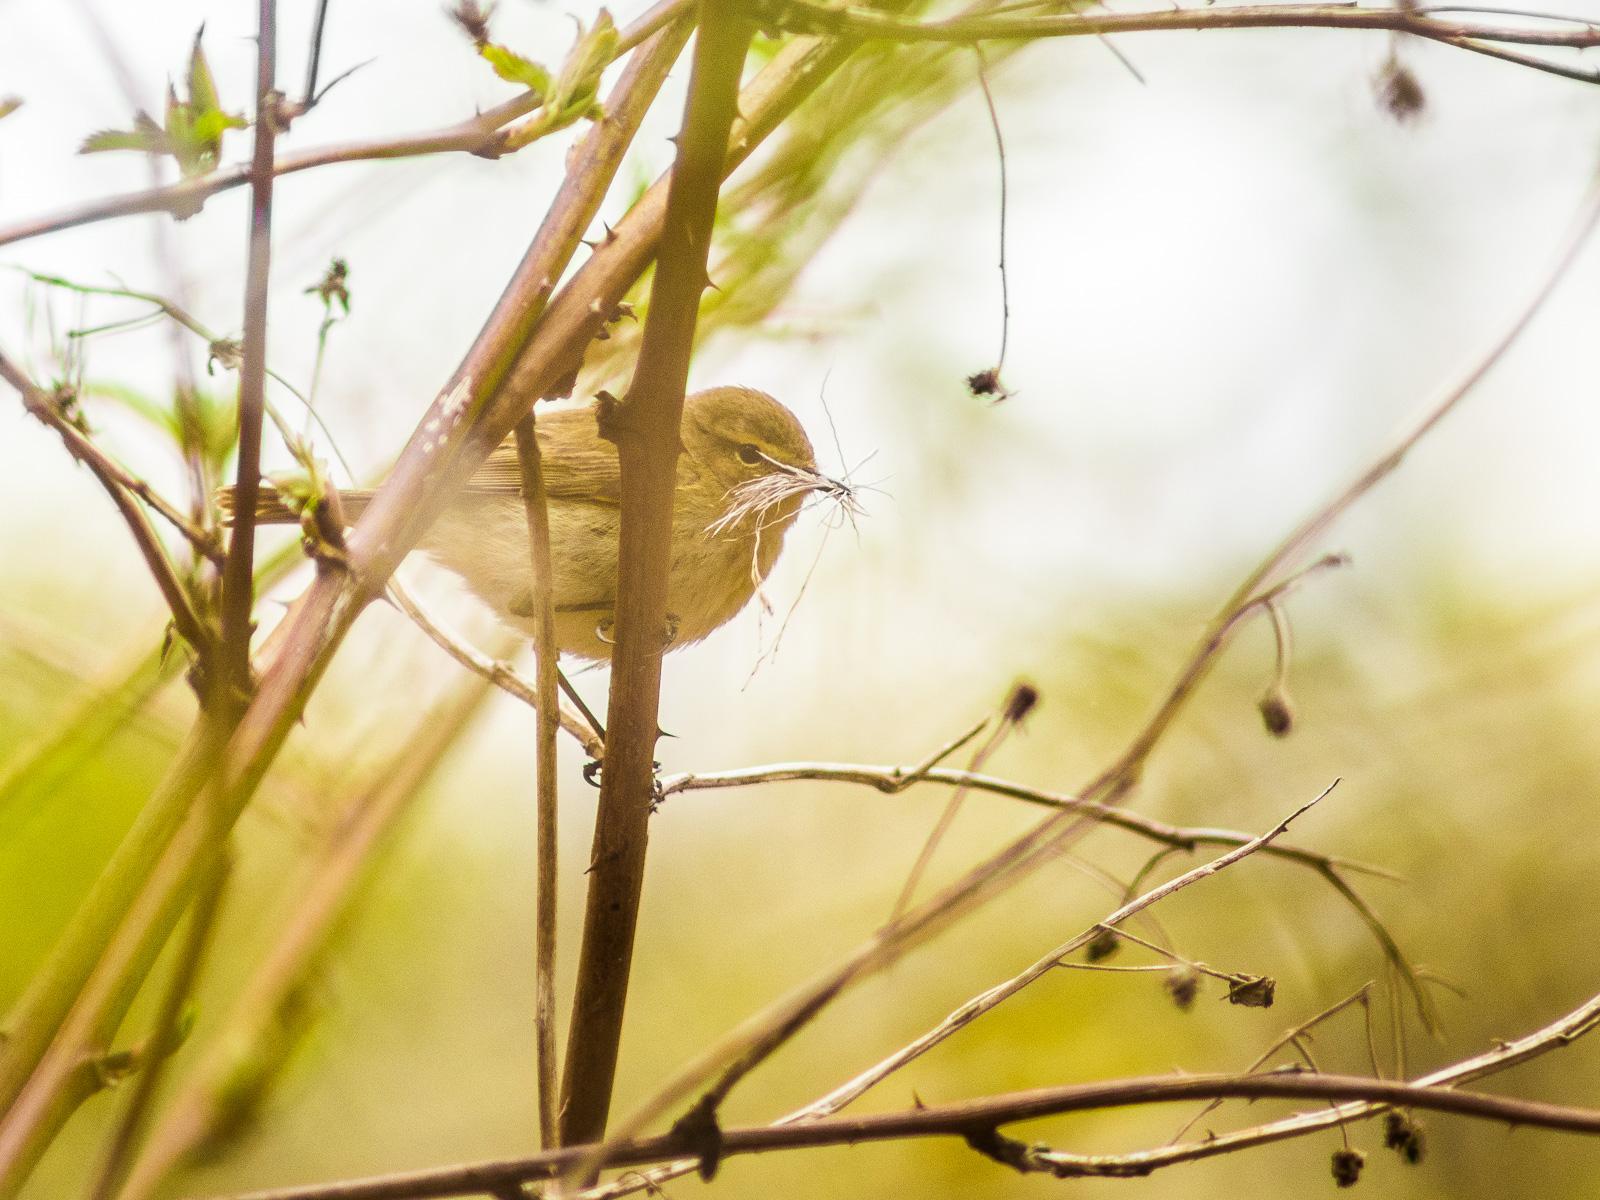 kleiner Vogel mit viel Nistmaterial im Schnabel